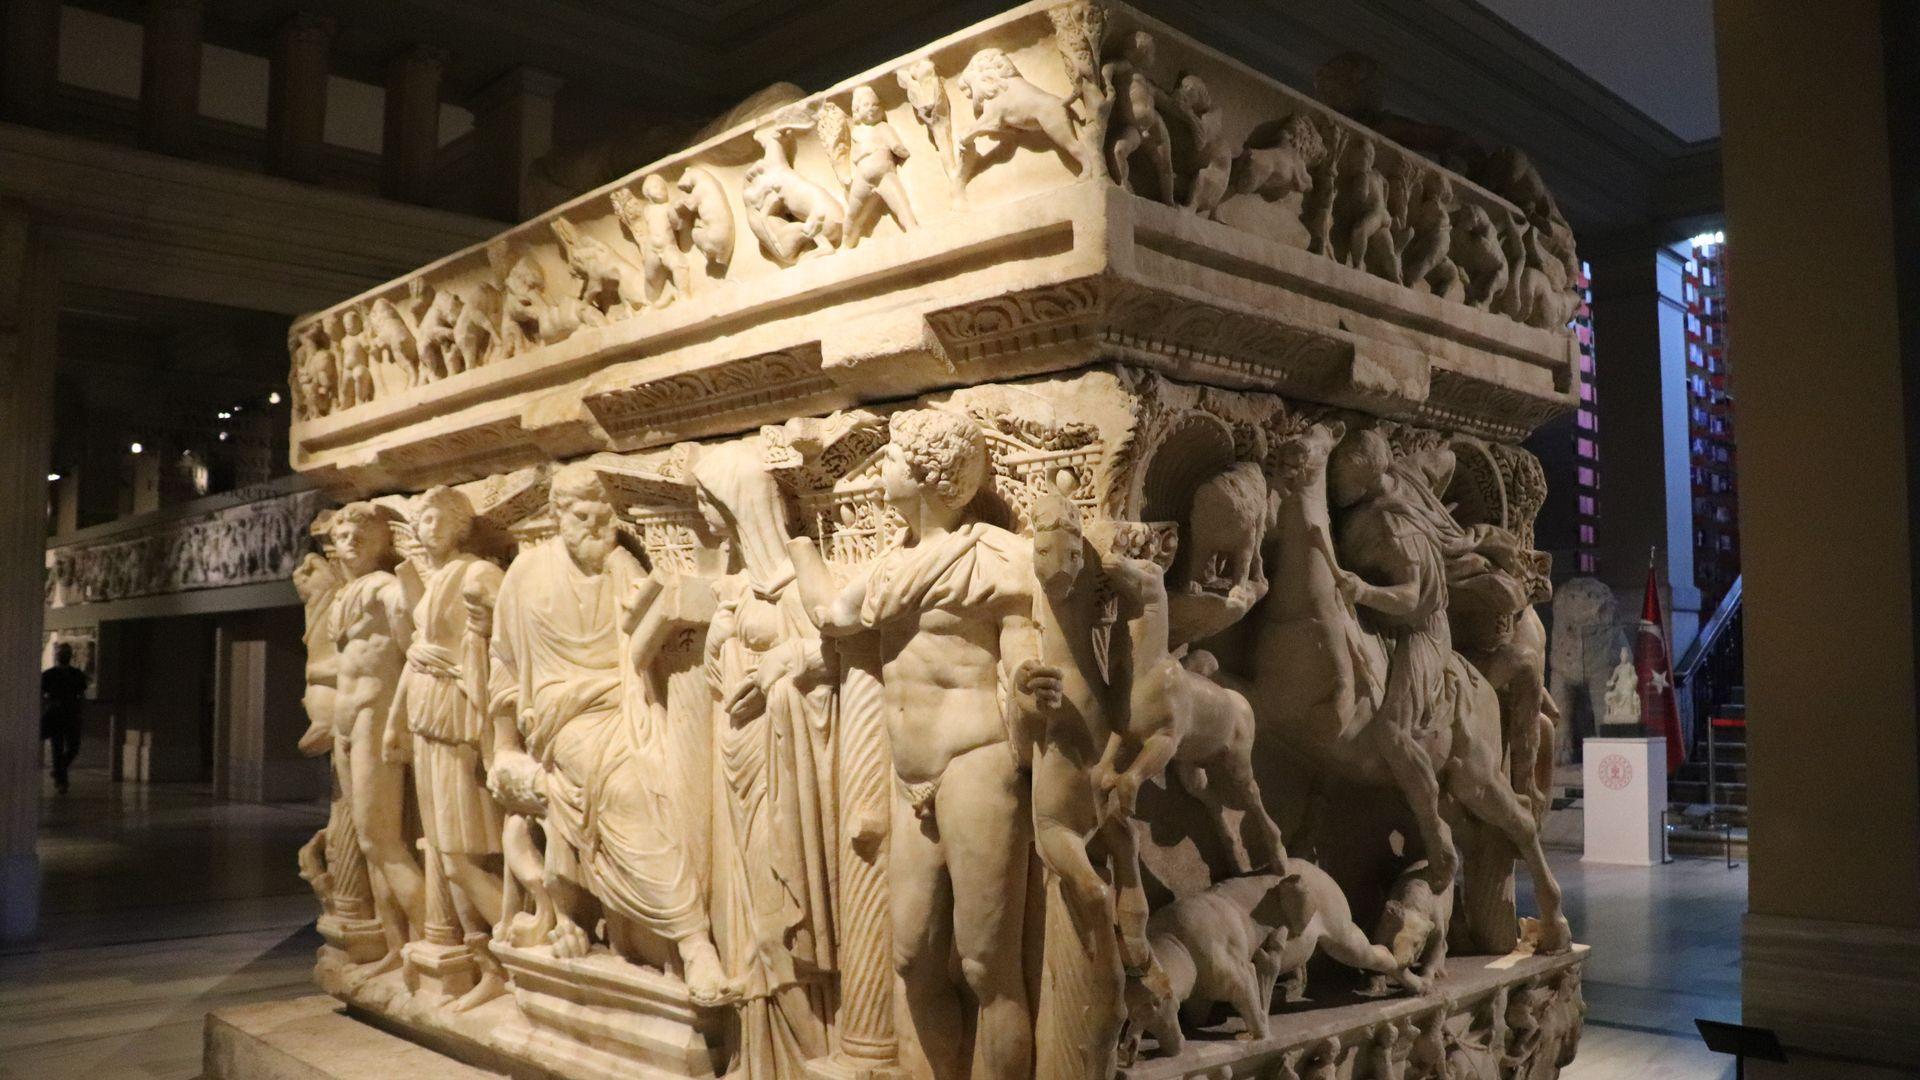 İstanbul Arkeoloji Müzeleri'nde yaklaşık envanterli 800 bin eser bulunuyor